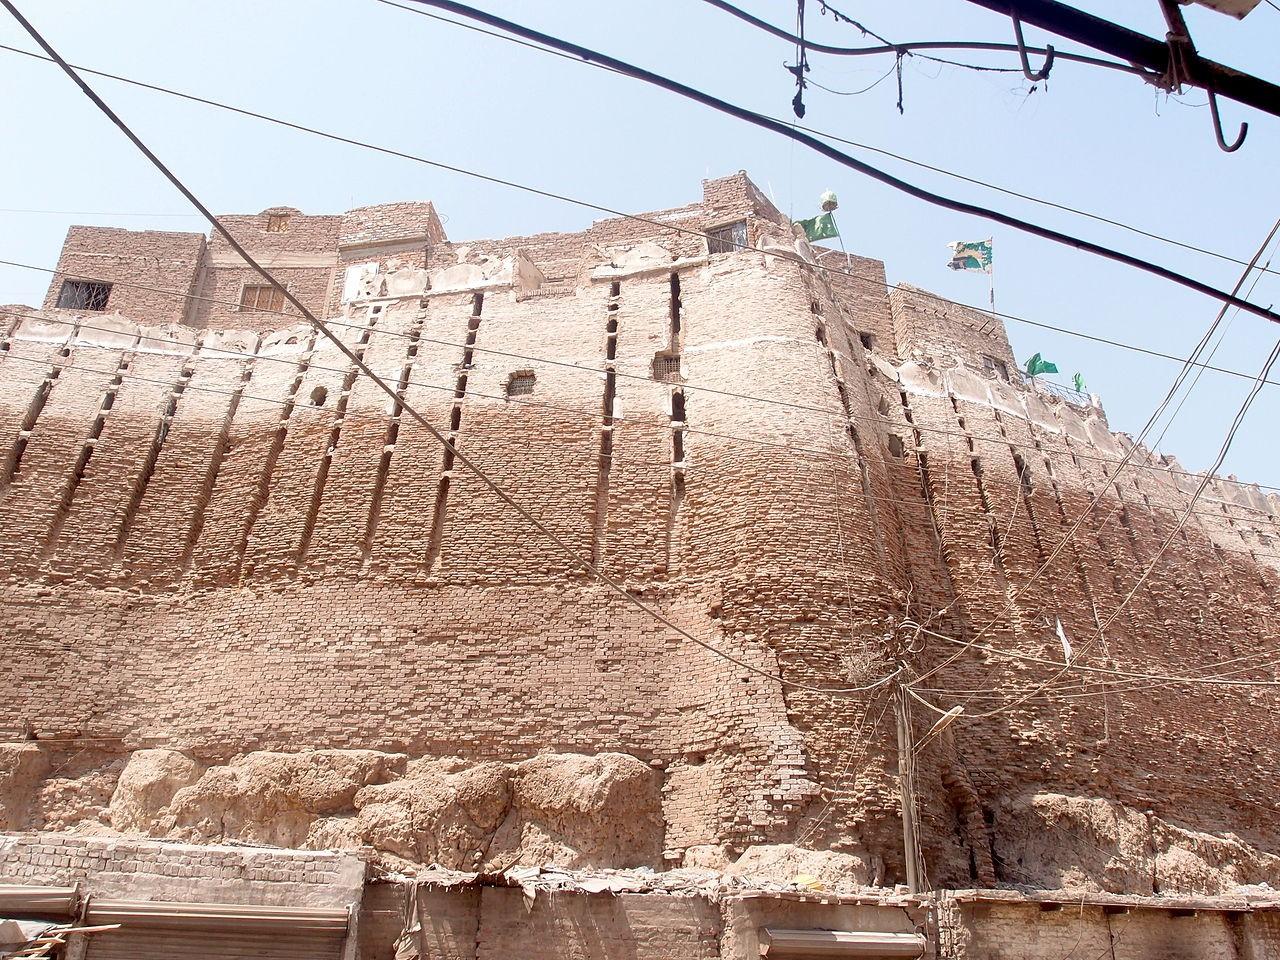 Pacco Qillo Pakka QIlla Hyderabad Pakistan